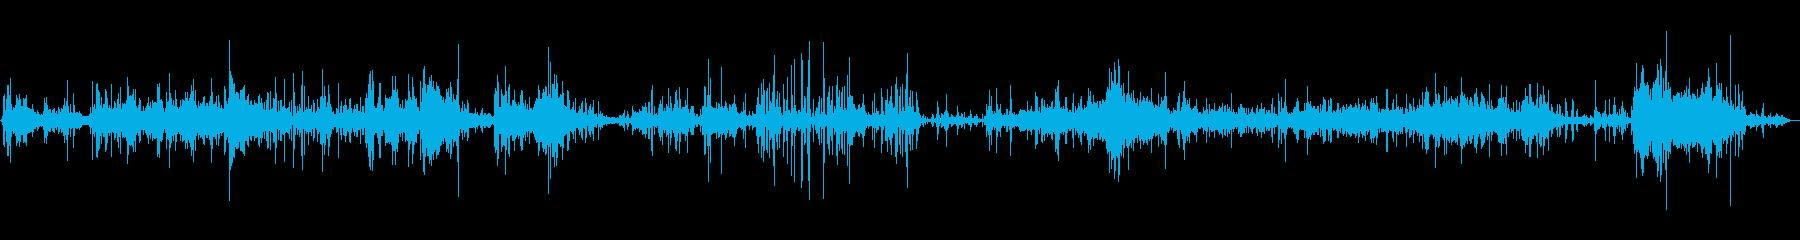 バスタブ、フォーリーで忙しいスプラッシュの再生済みの波形